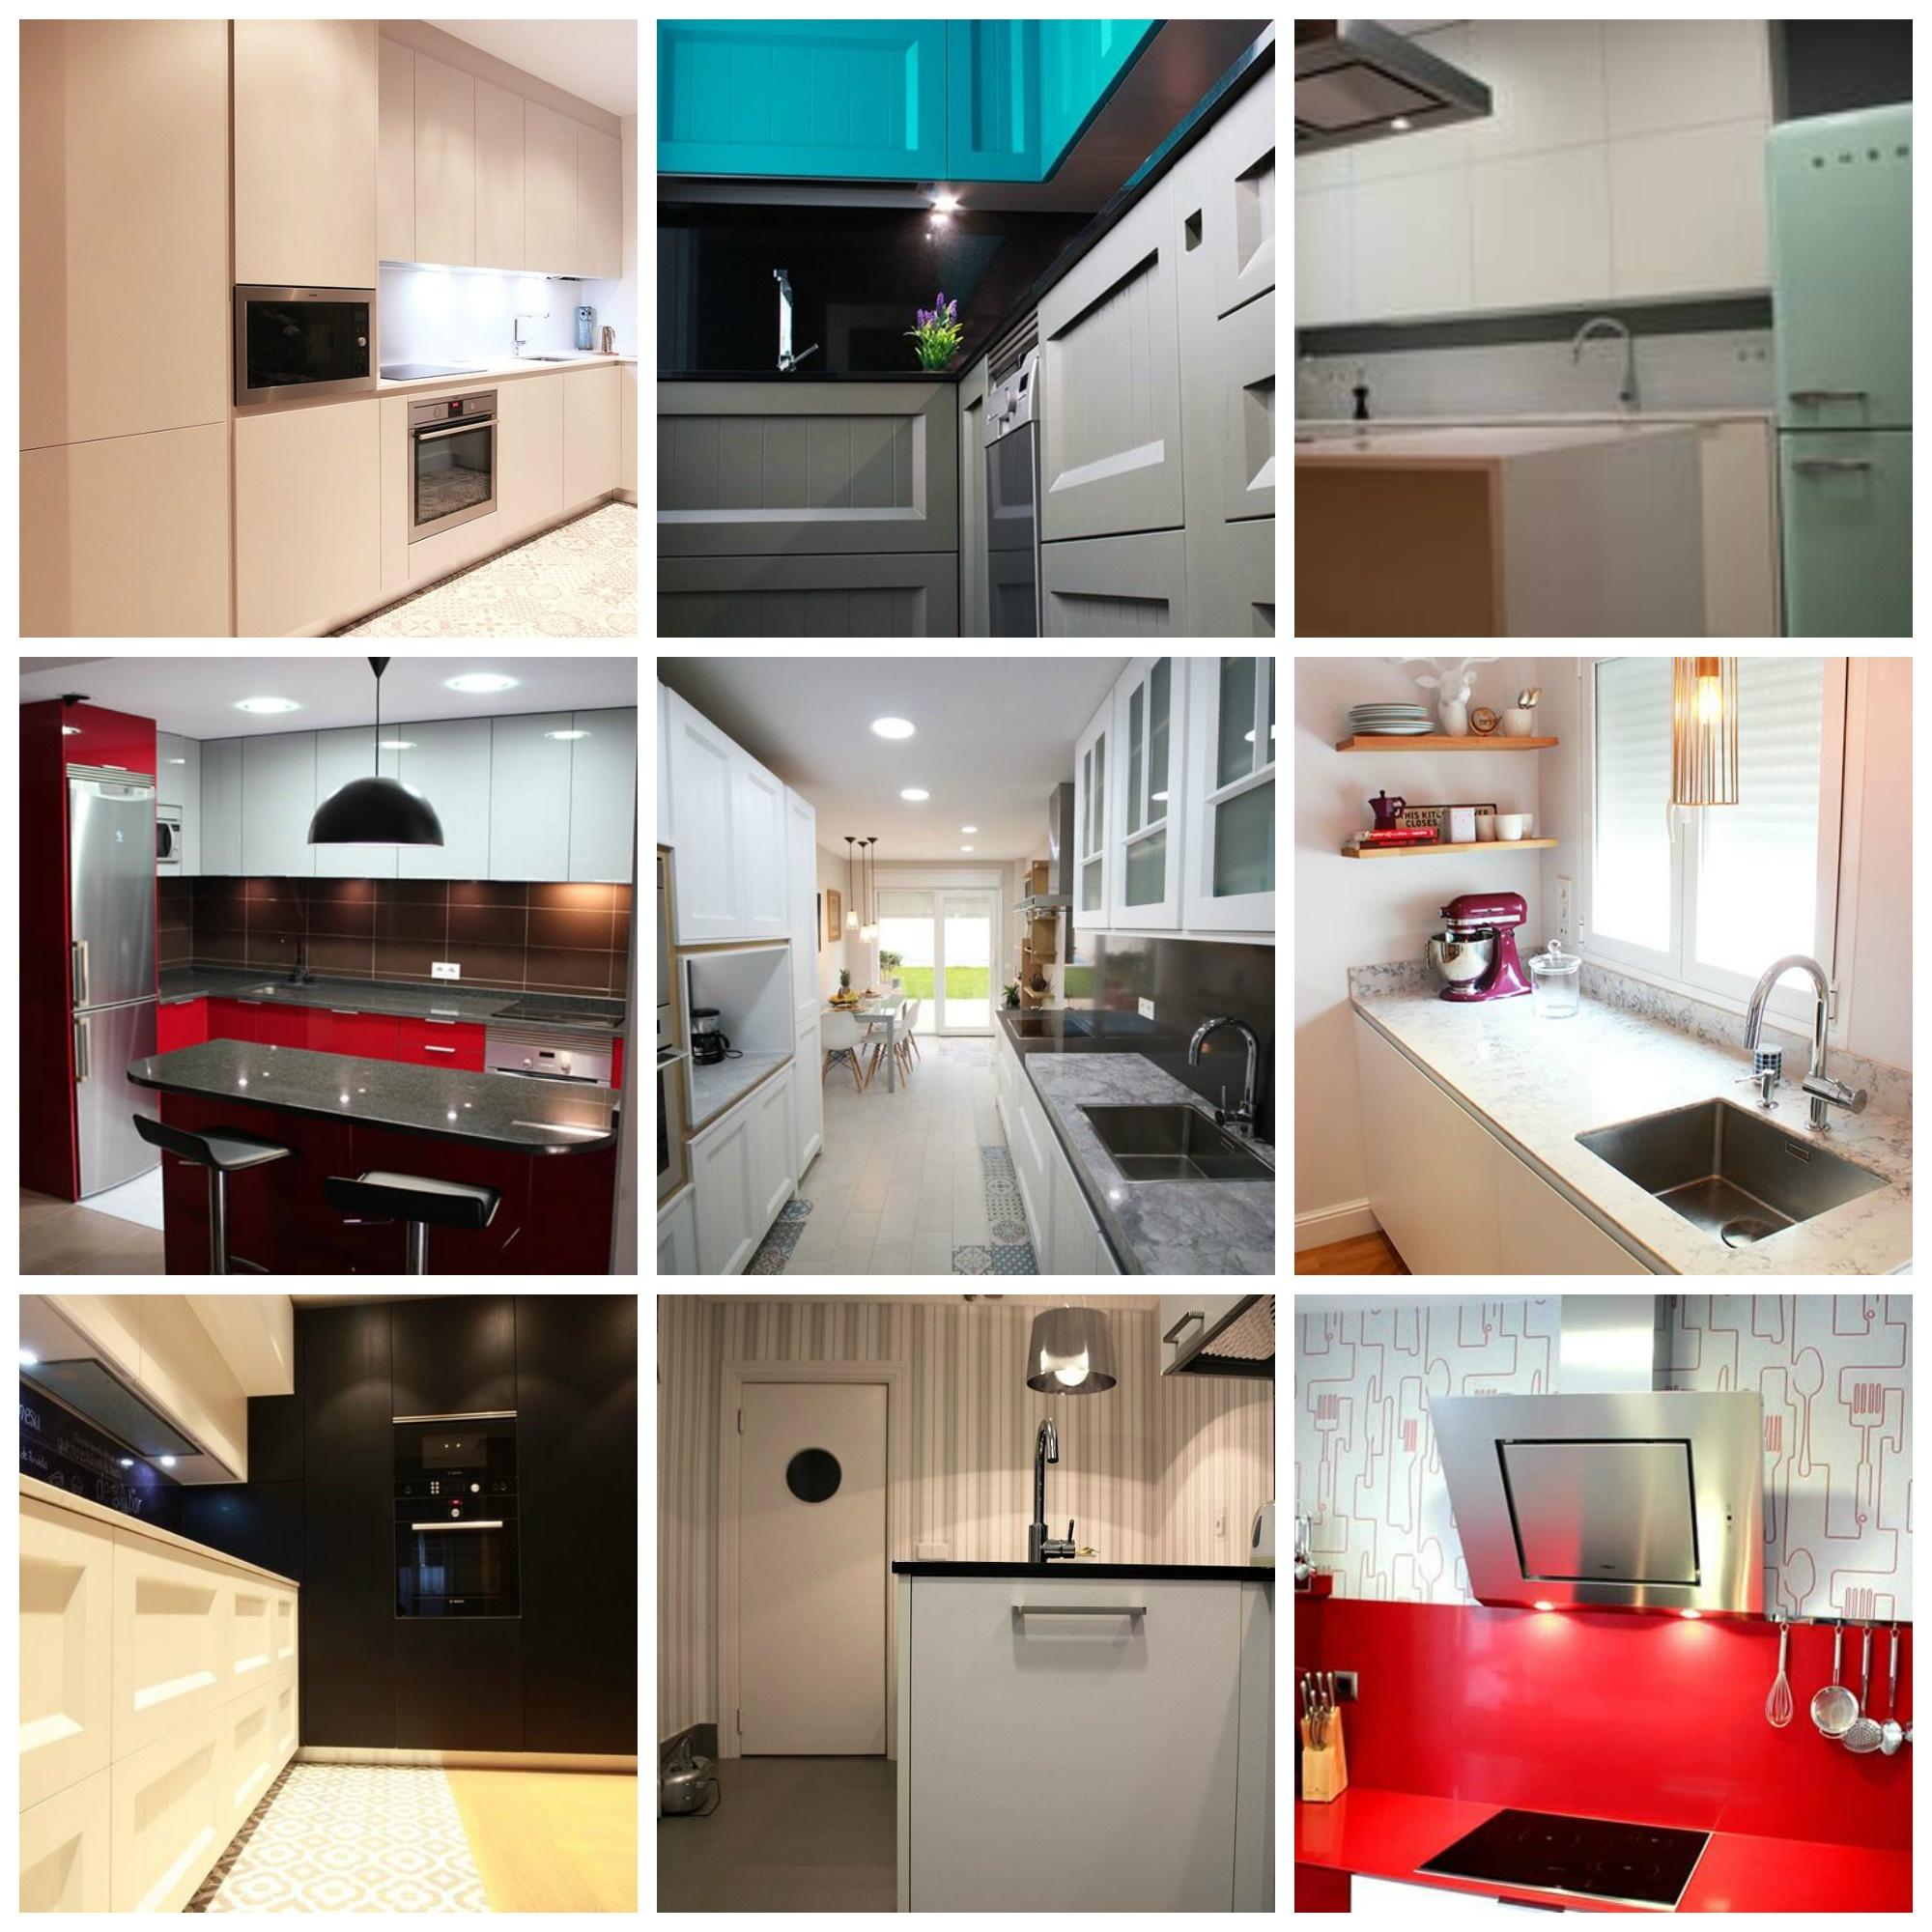 PRESUPUESTOS DE COCINAS EN MADRID - Blogs de Línea 3 Cocinas, Diseño ...